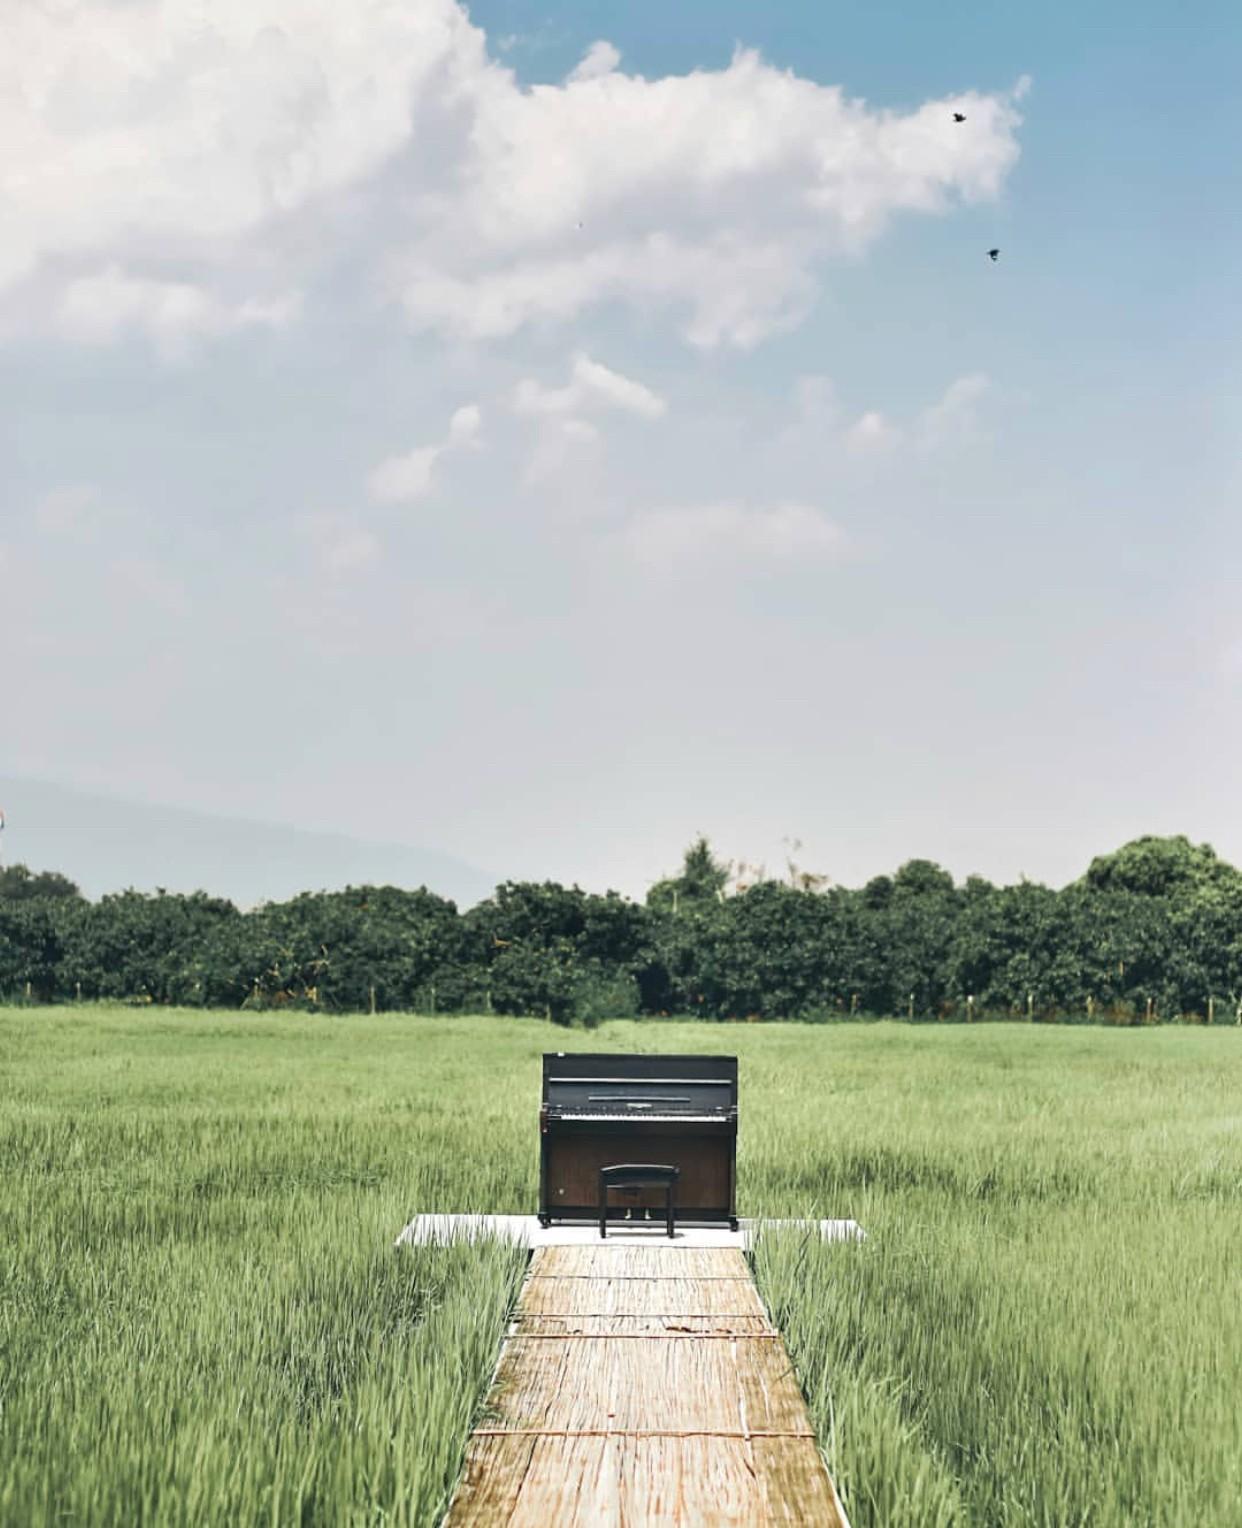 Phát hiện quán cà phê giữa cánh đồng ở Chiangmai (Thái Lan) lên ảnh đẹp không thua gì phim điện ảnh - Ảnh 2.